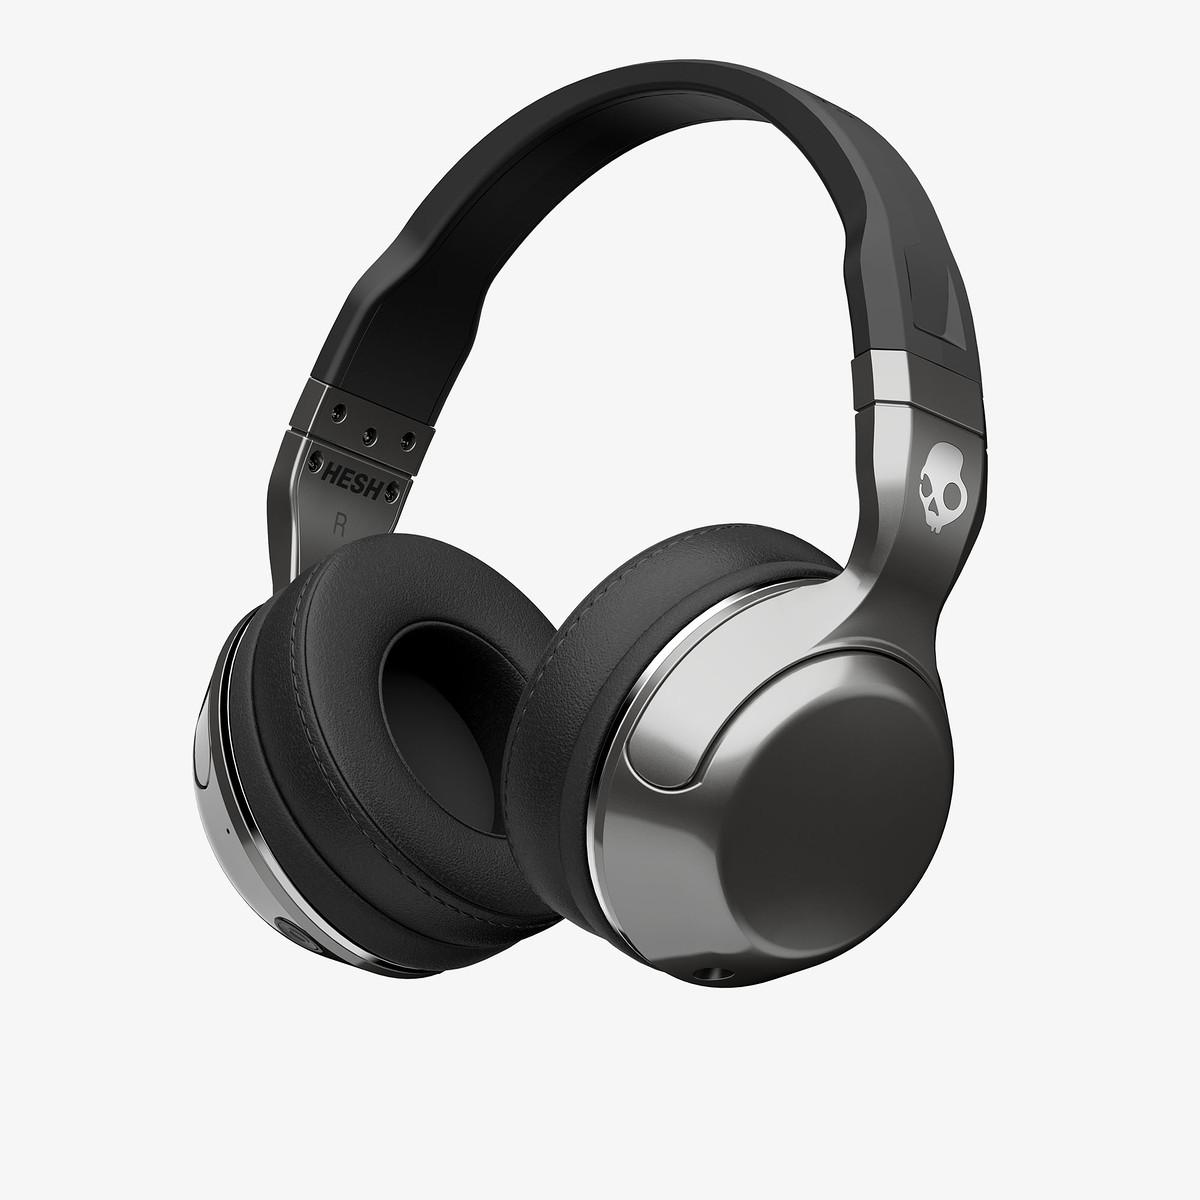 Buy Online Skullcandy Hesh 2 Bluetooth Wireless Headphones